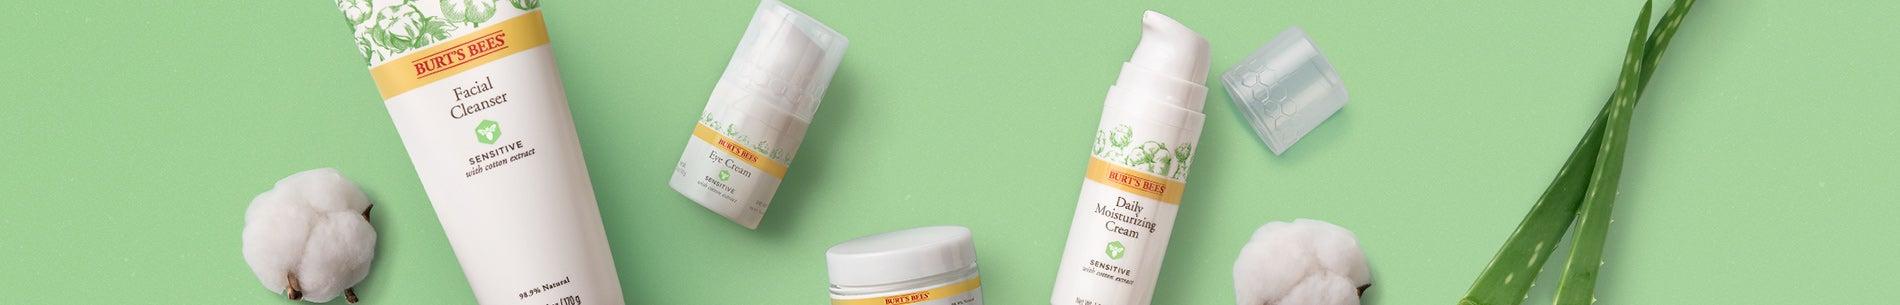 5 medidas simples que puedes tomar  si tu piel es propensa al enrojecimiento